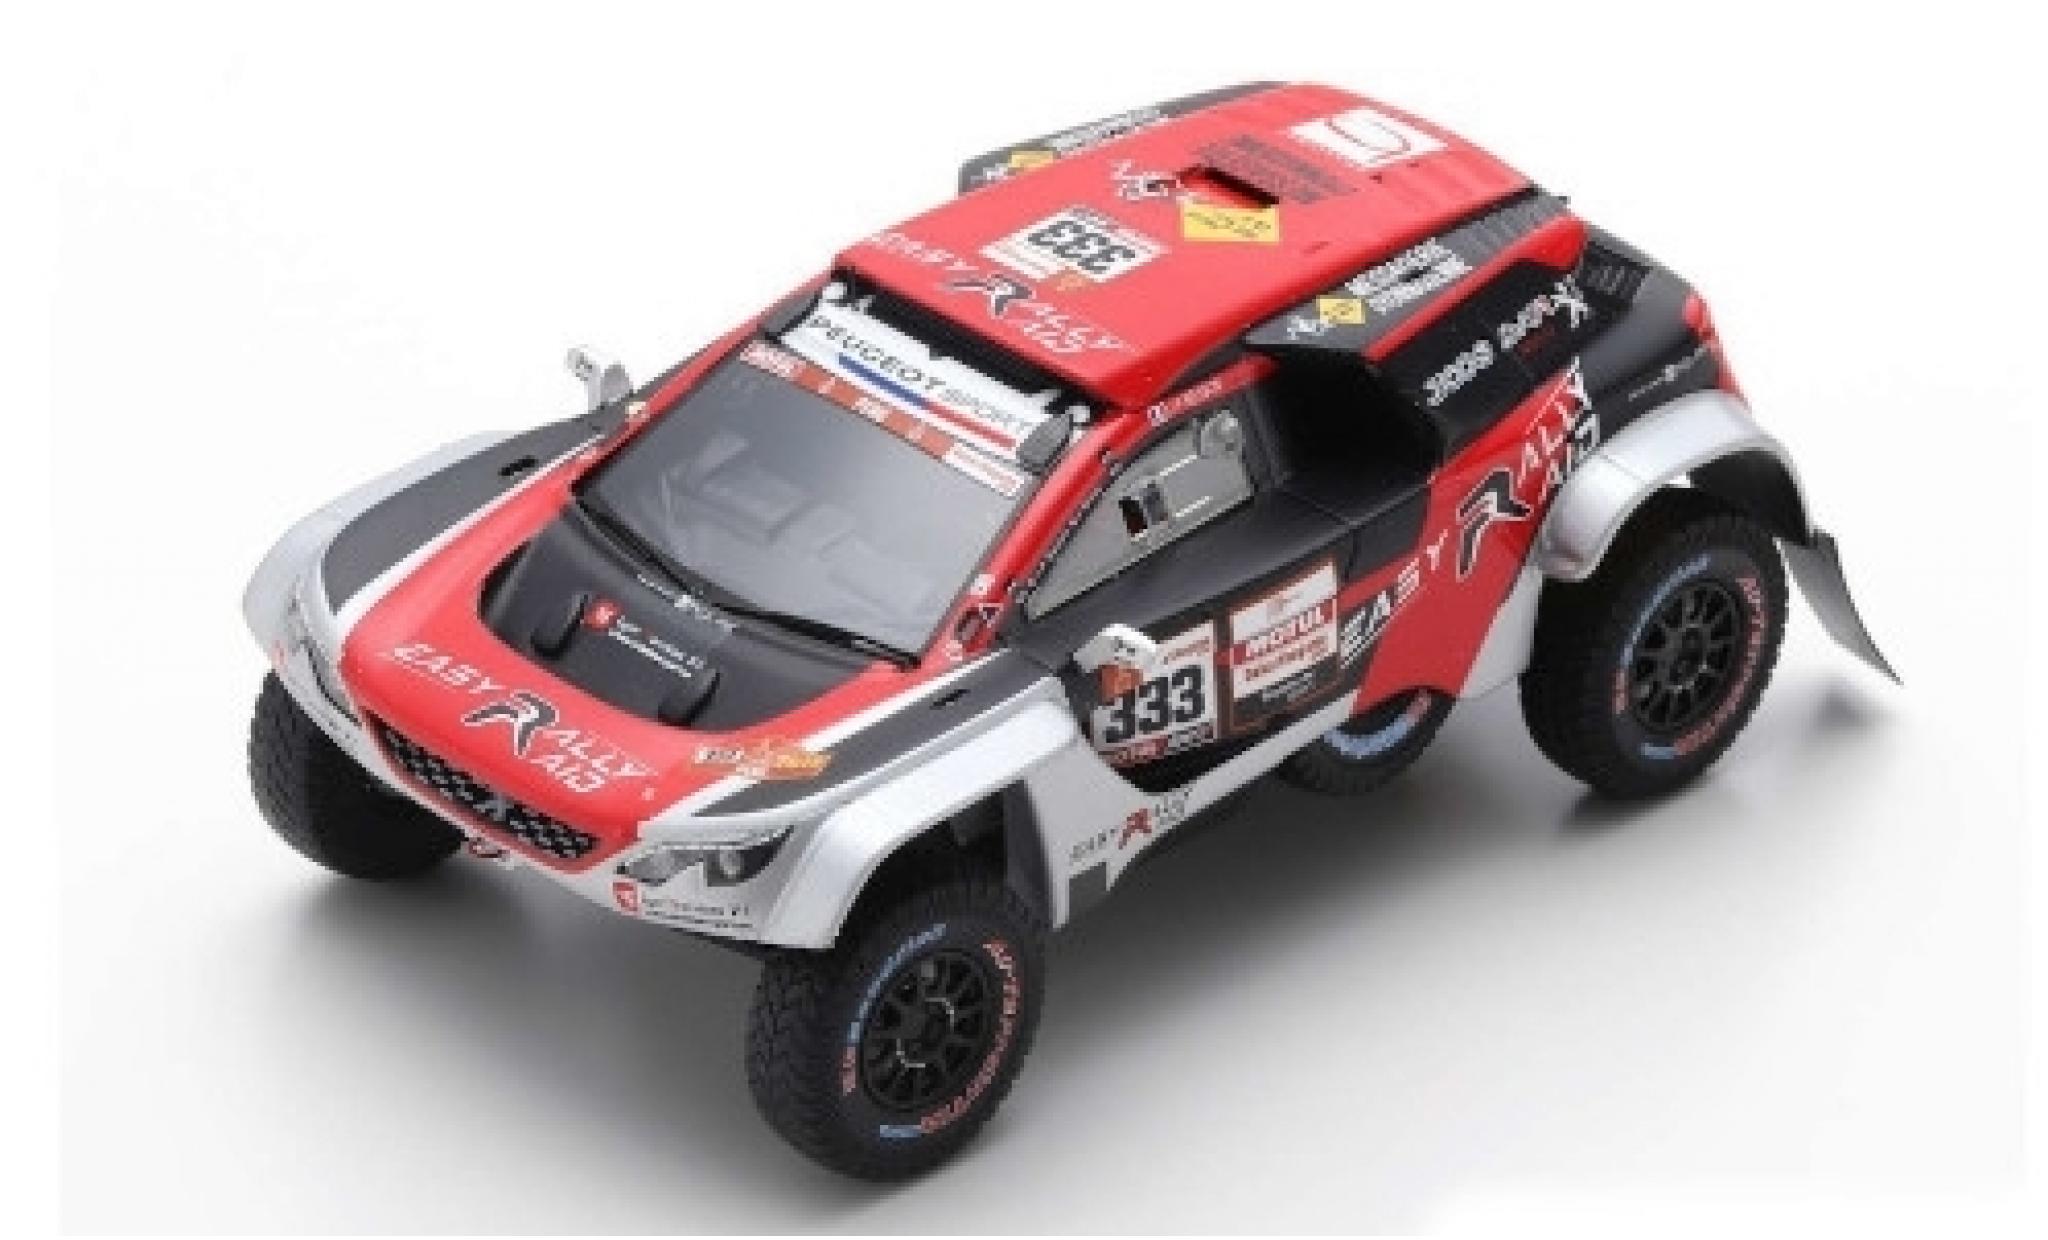 Peugeot 3008 1/43 Spark DKR Maxi No.333 Easy Rally Rallye Dakar 2019 J-P.Besson/J.Brucy